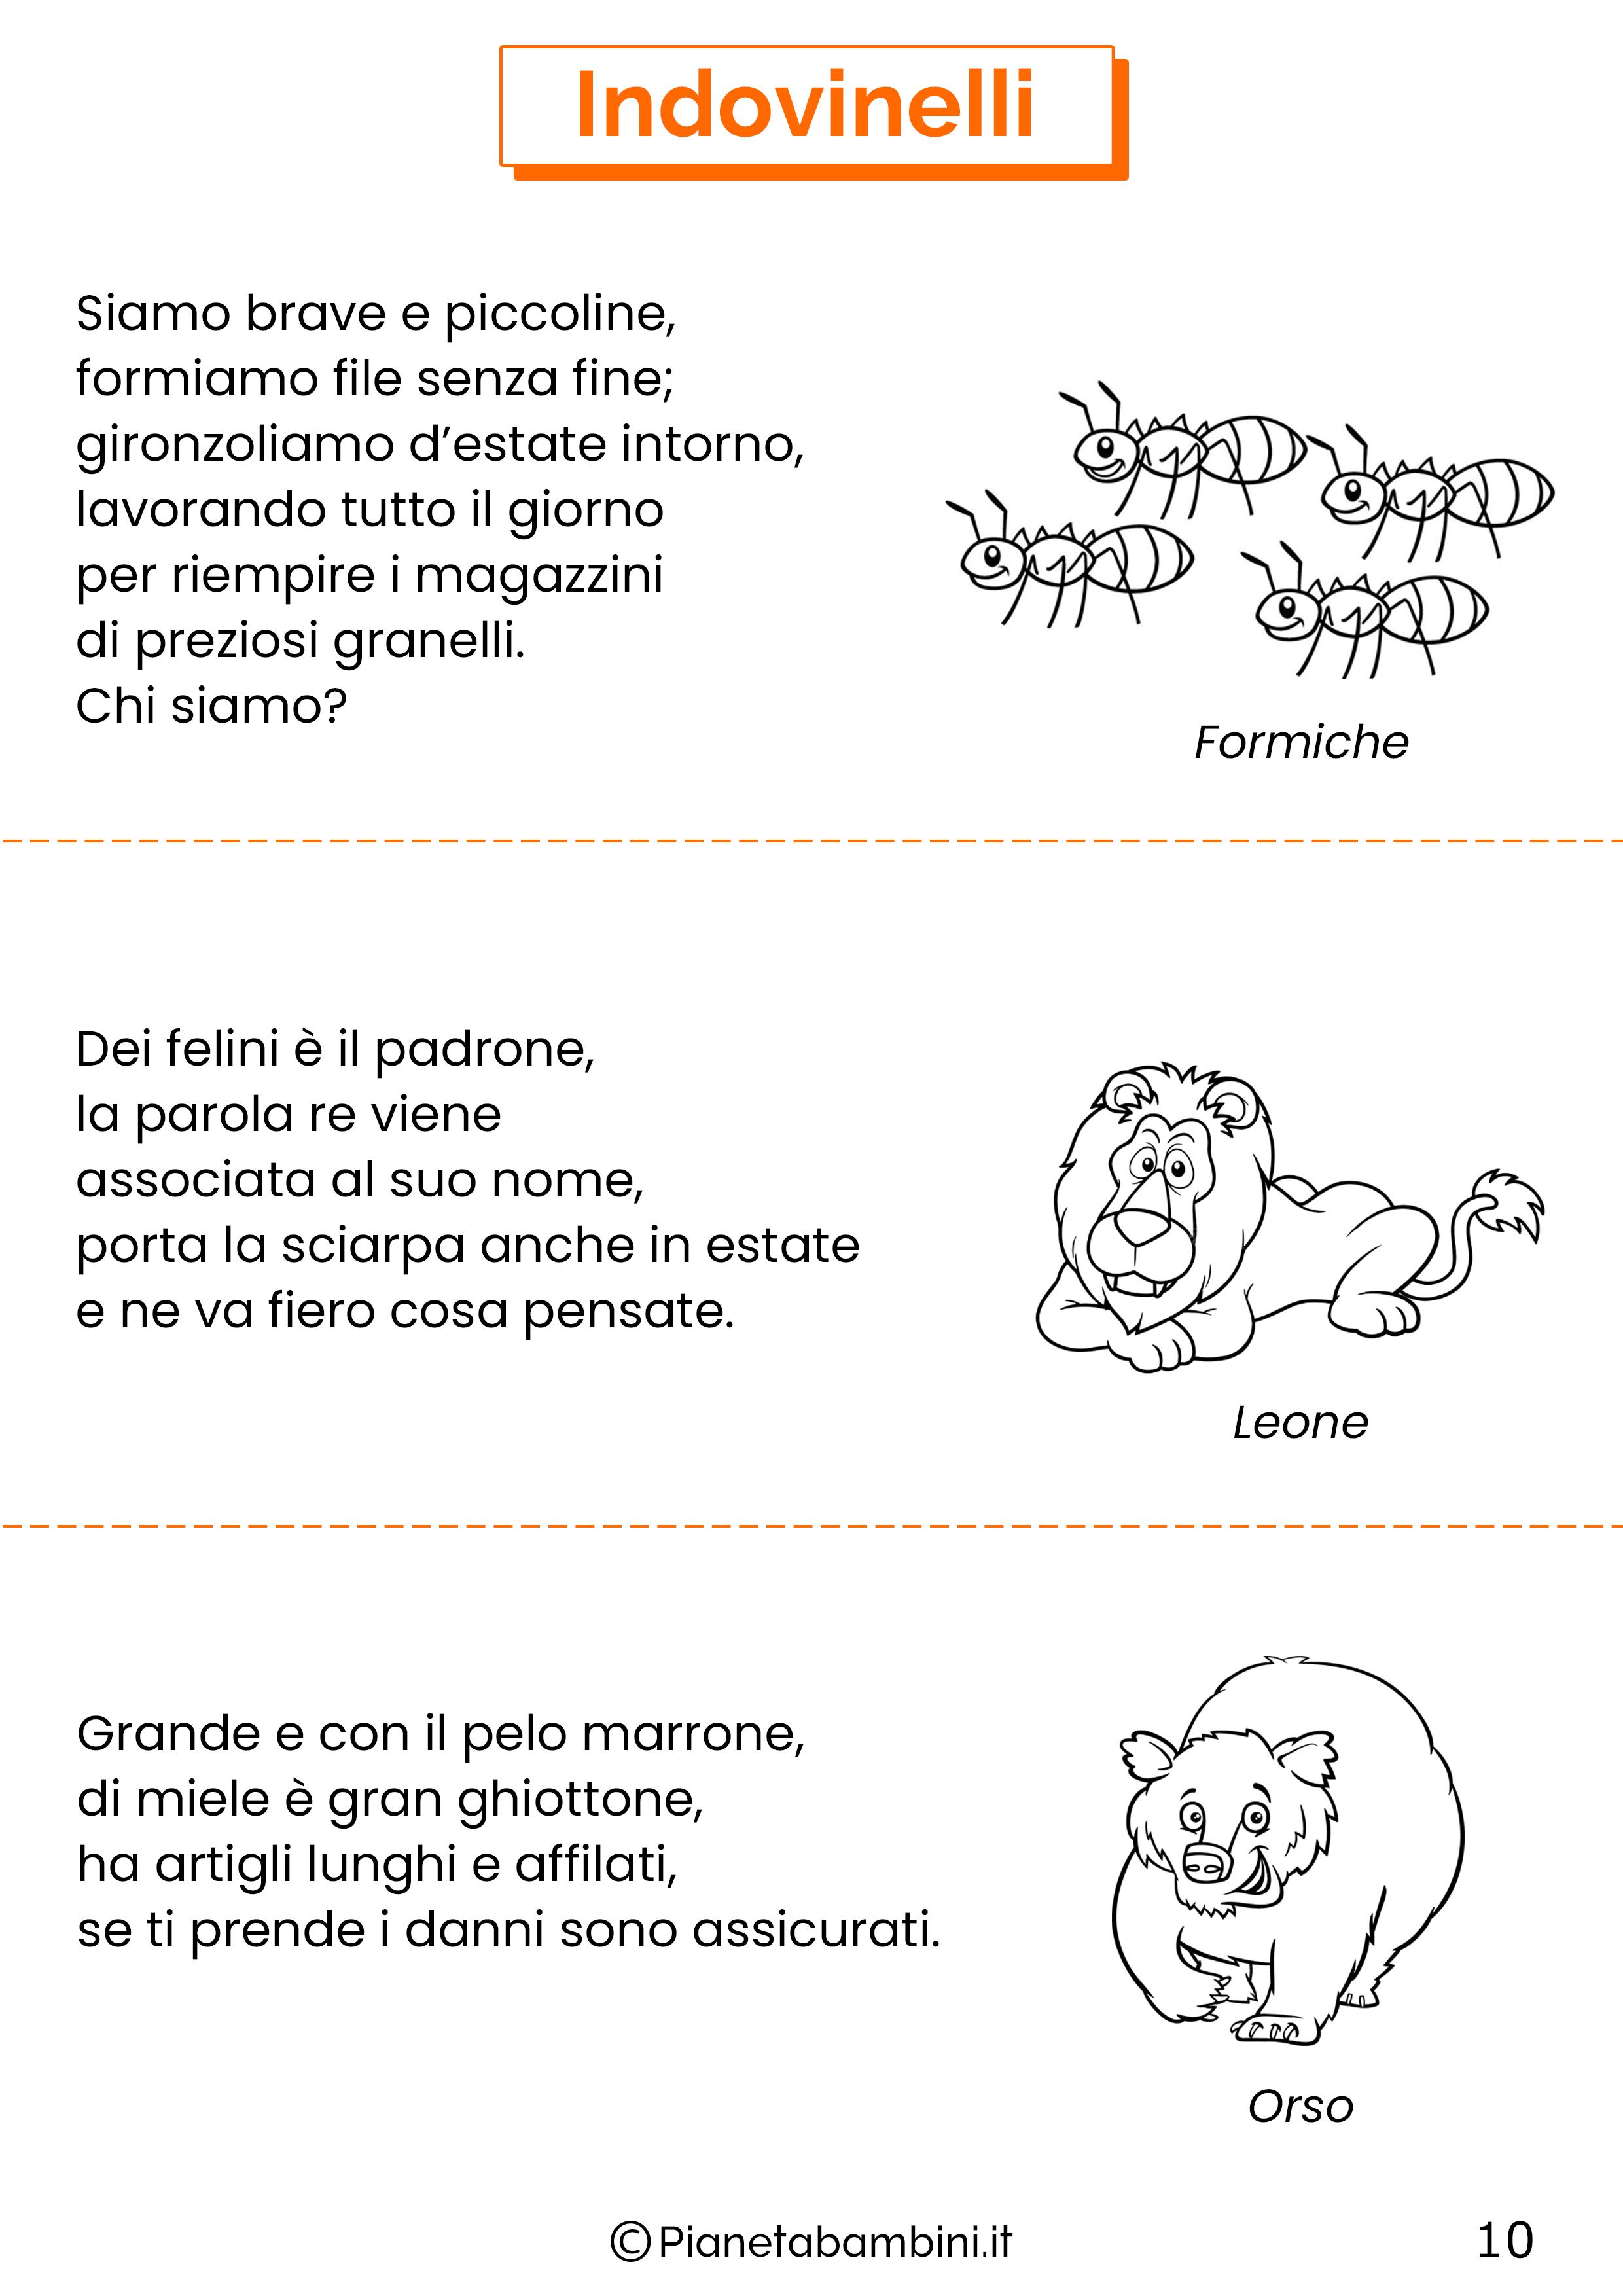 Indovinelli sugli animali per bambini 10